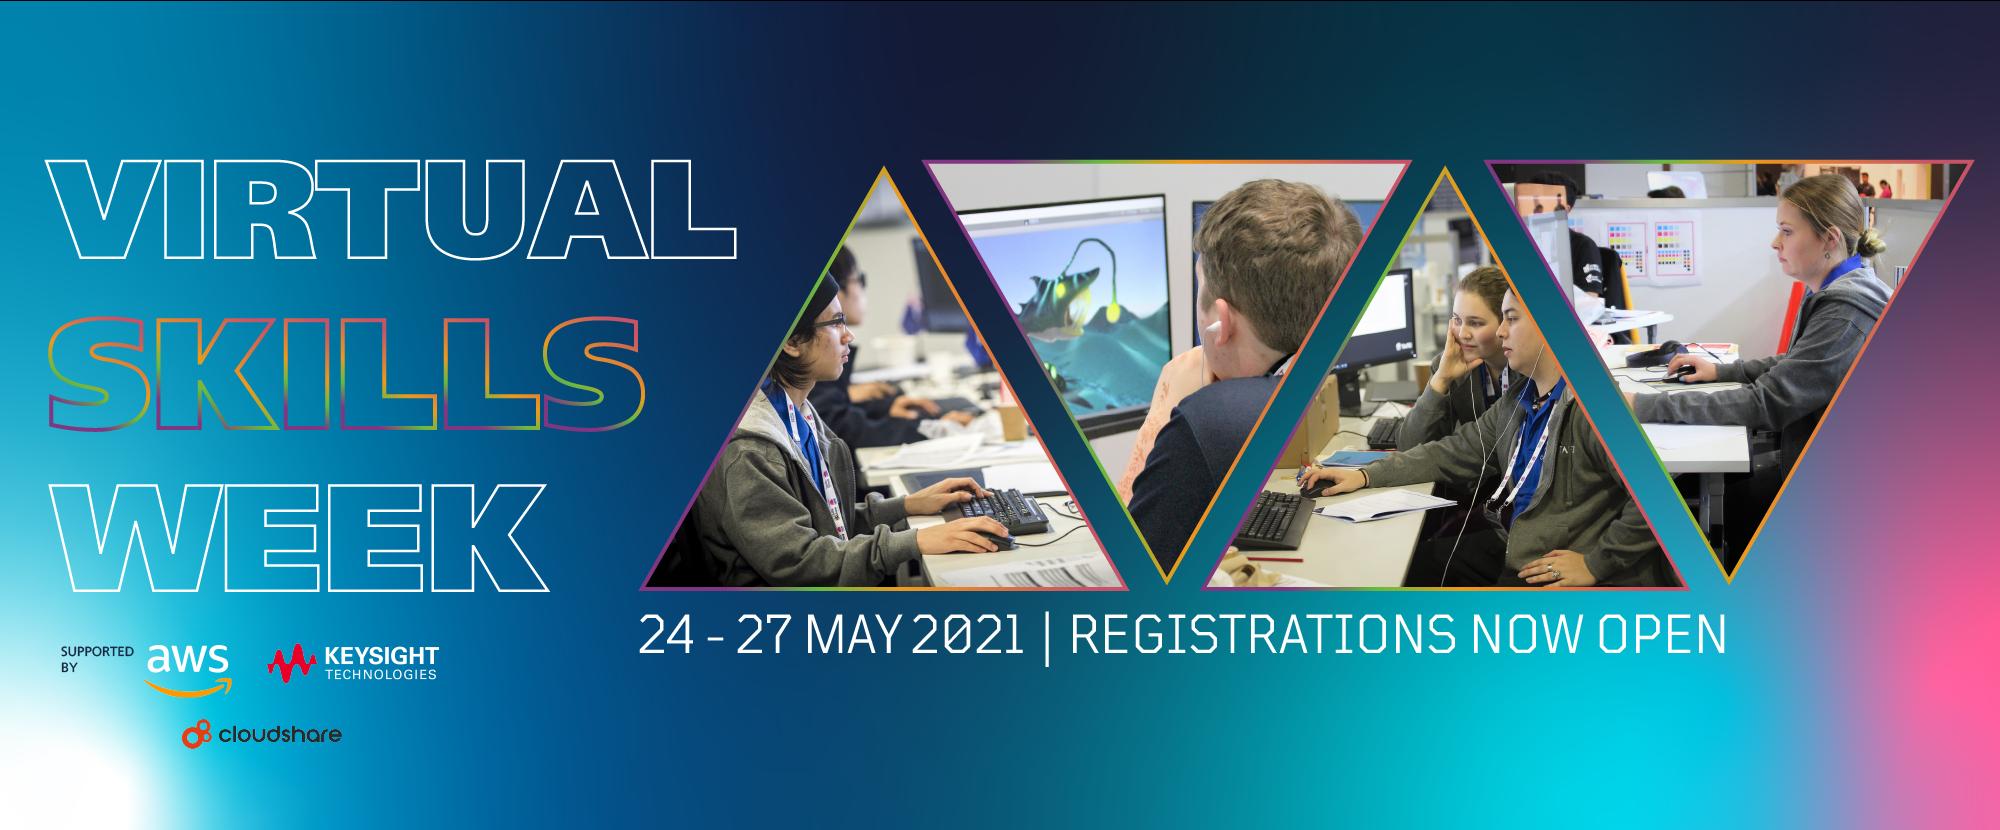 Virtual Skills Week 2021 - WorldSkills Australia